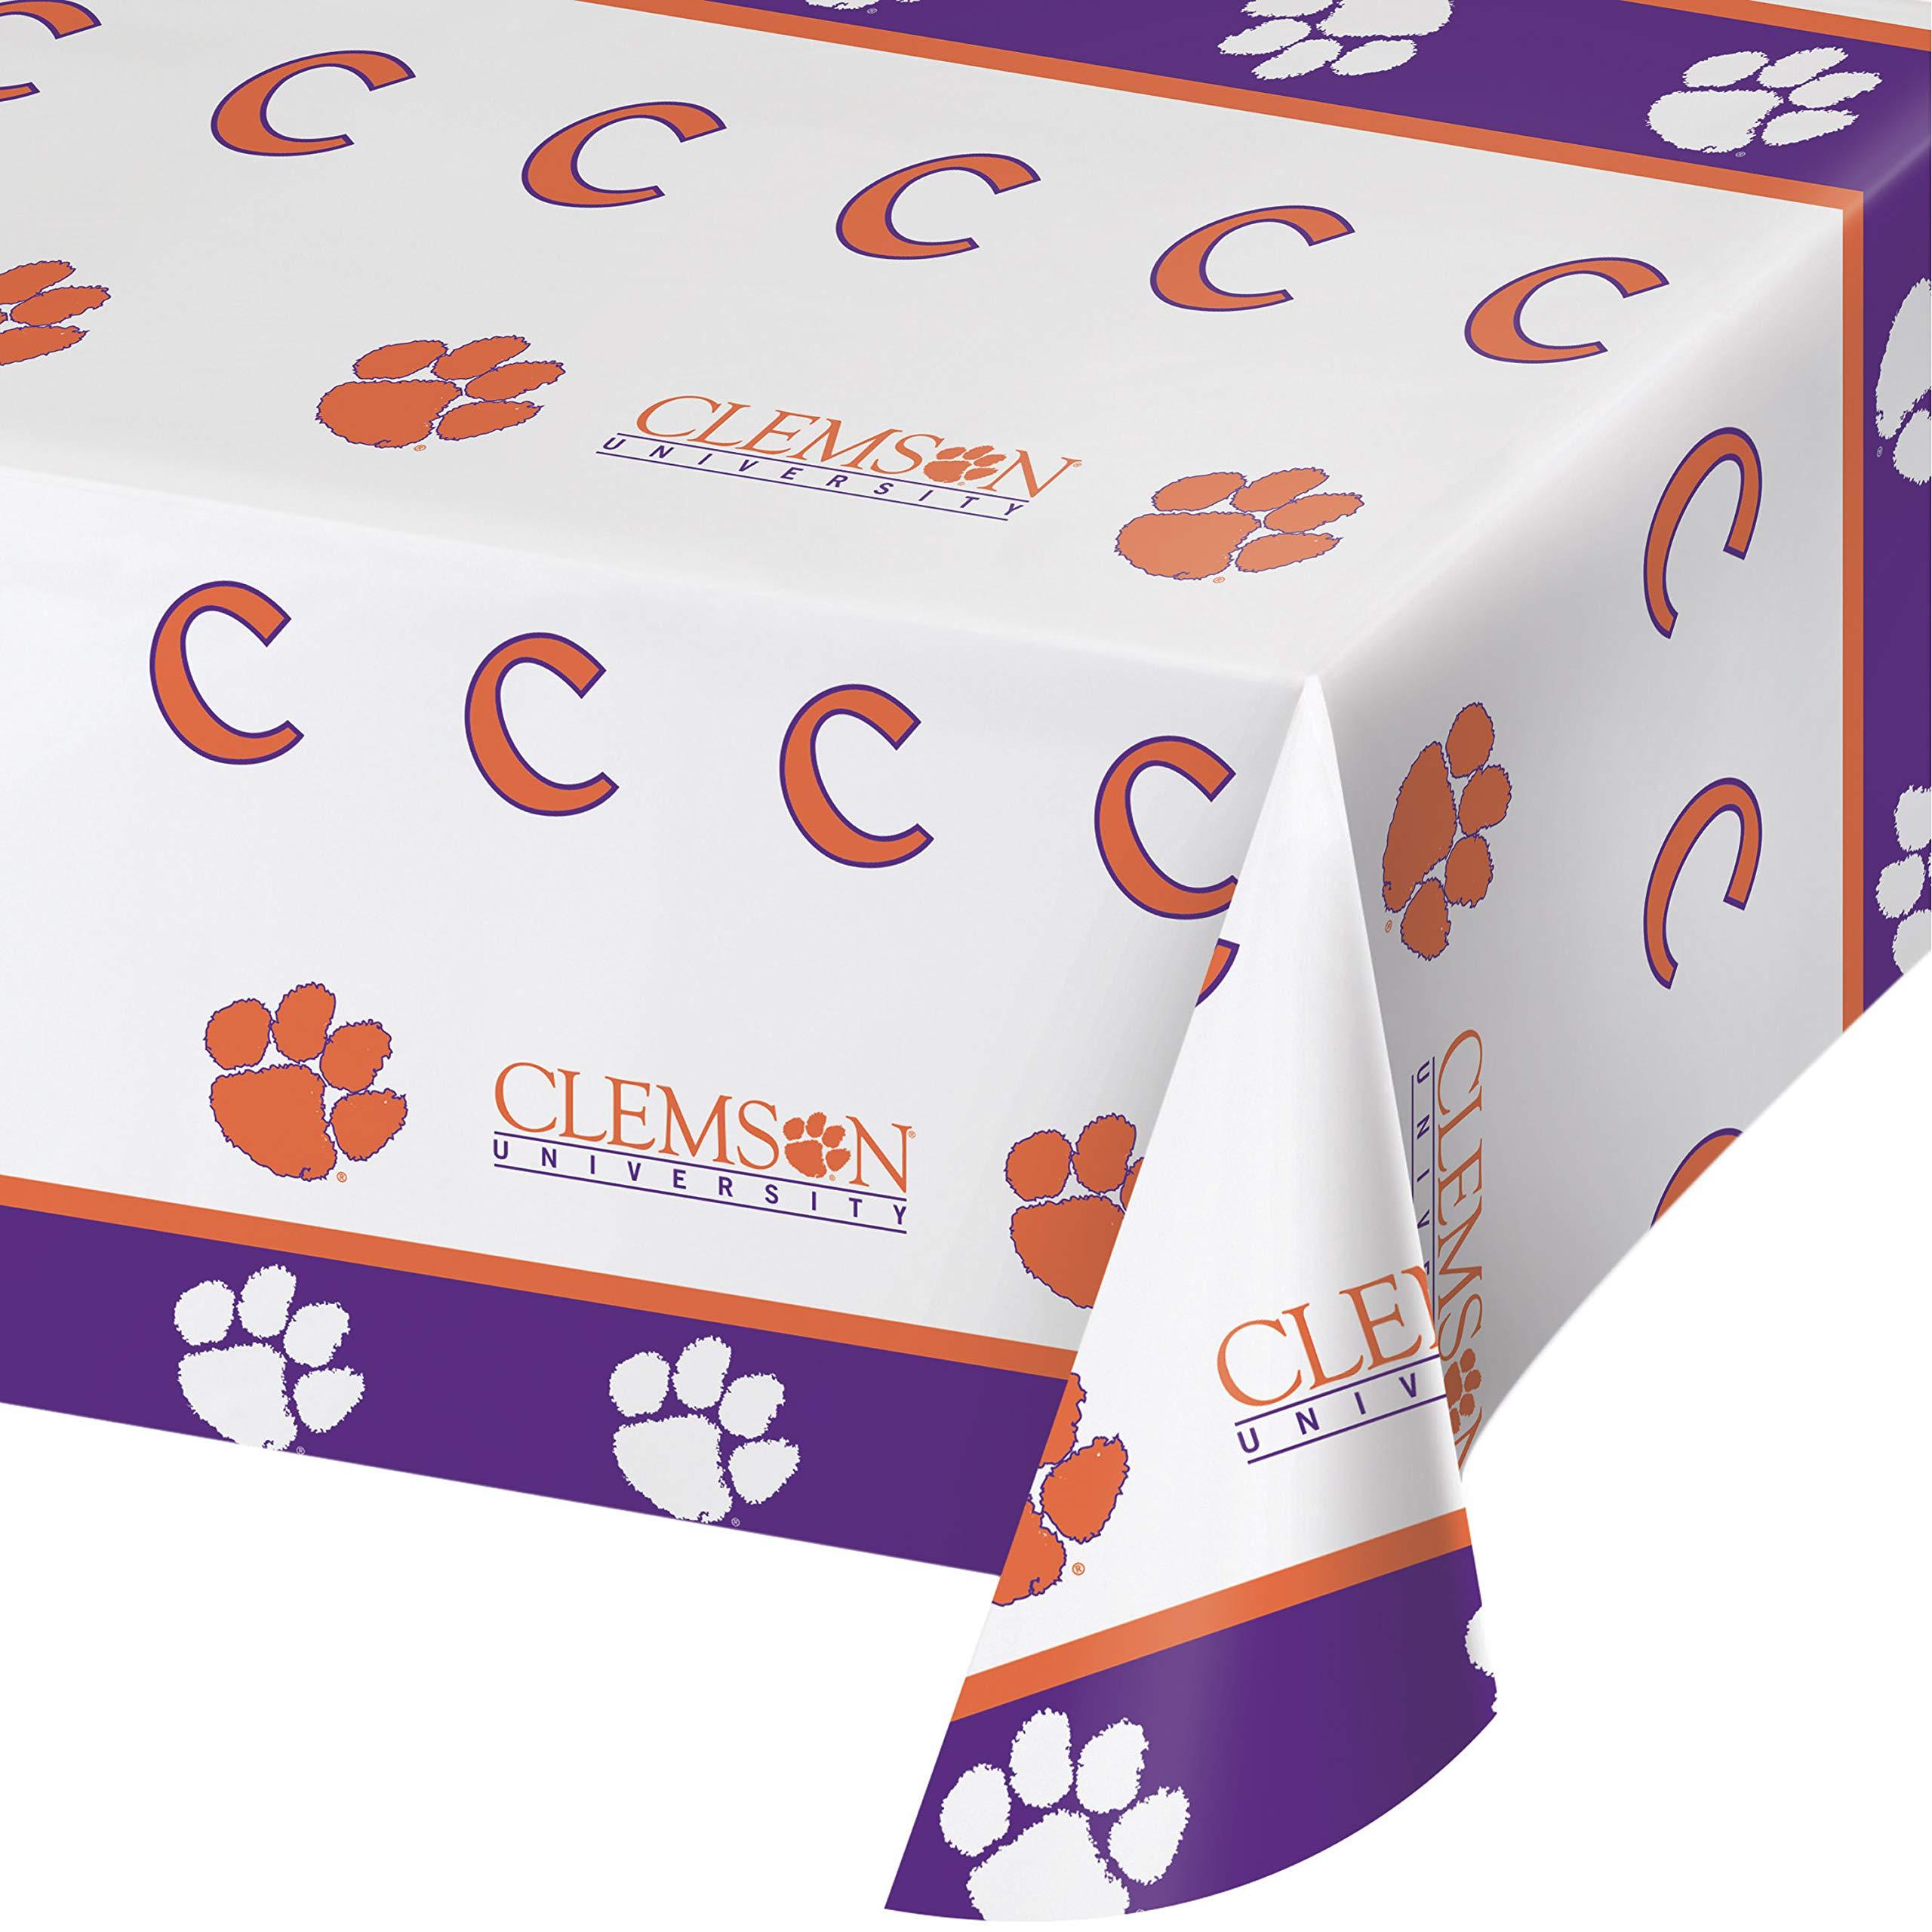 Clemson University Plastic Tablecloths, 3 ct